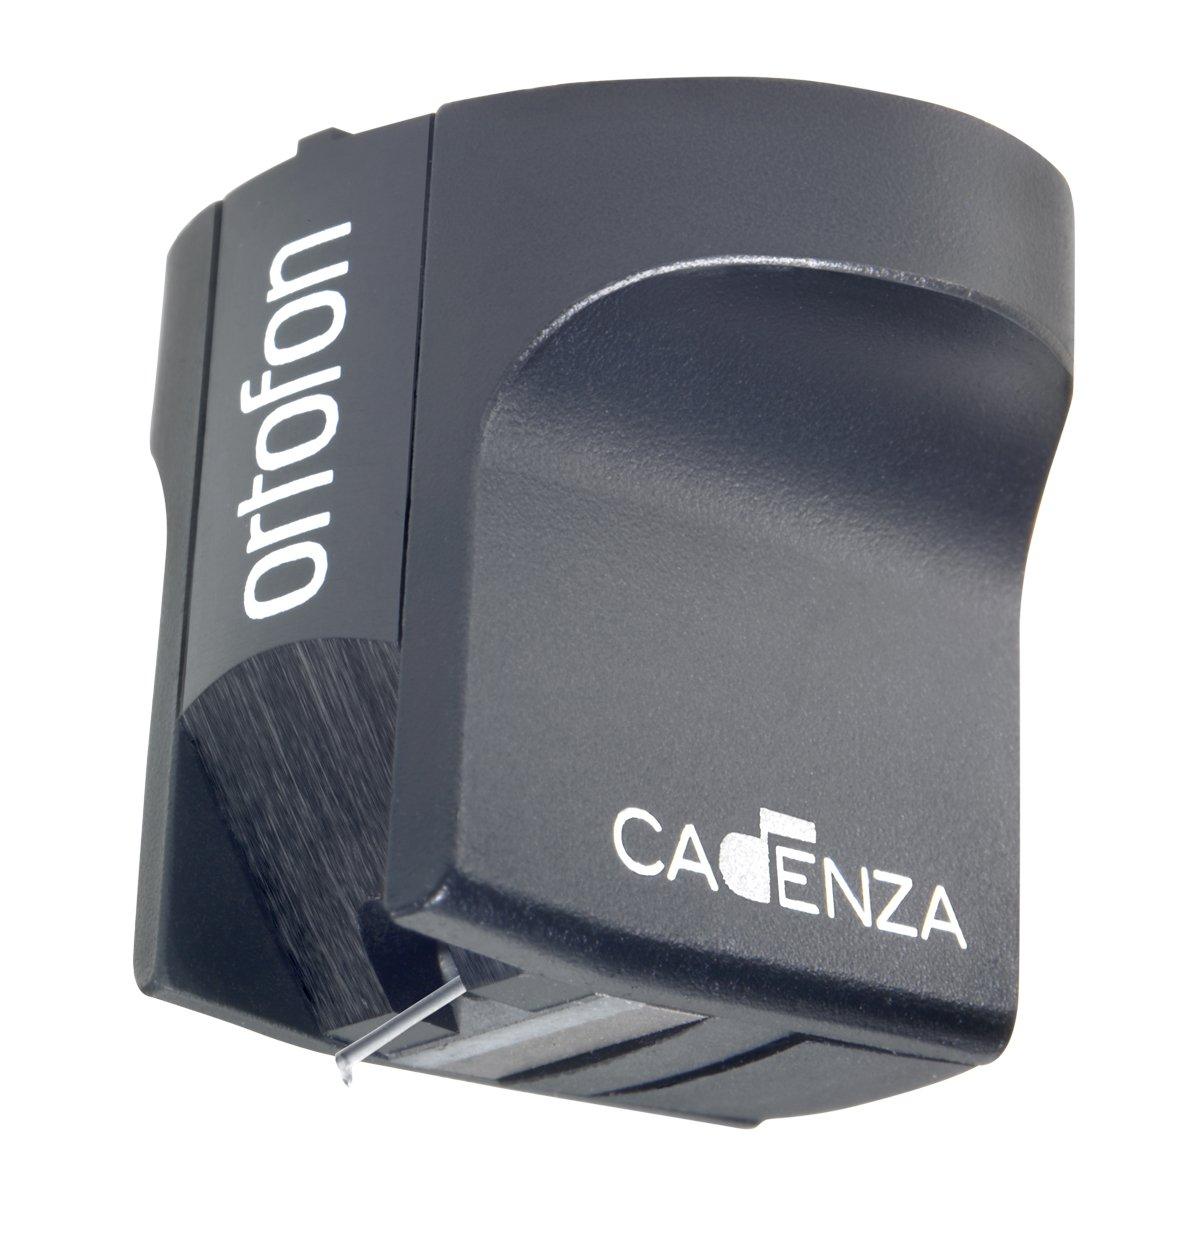 オルトフォン MCカートリッジ Cadenza-Series BLACKカデンツァ CADENZA BLACK B002UCFMWM